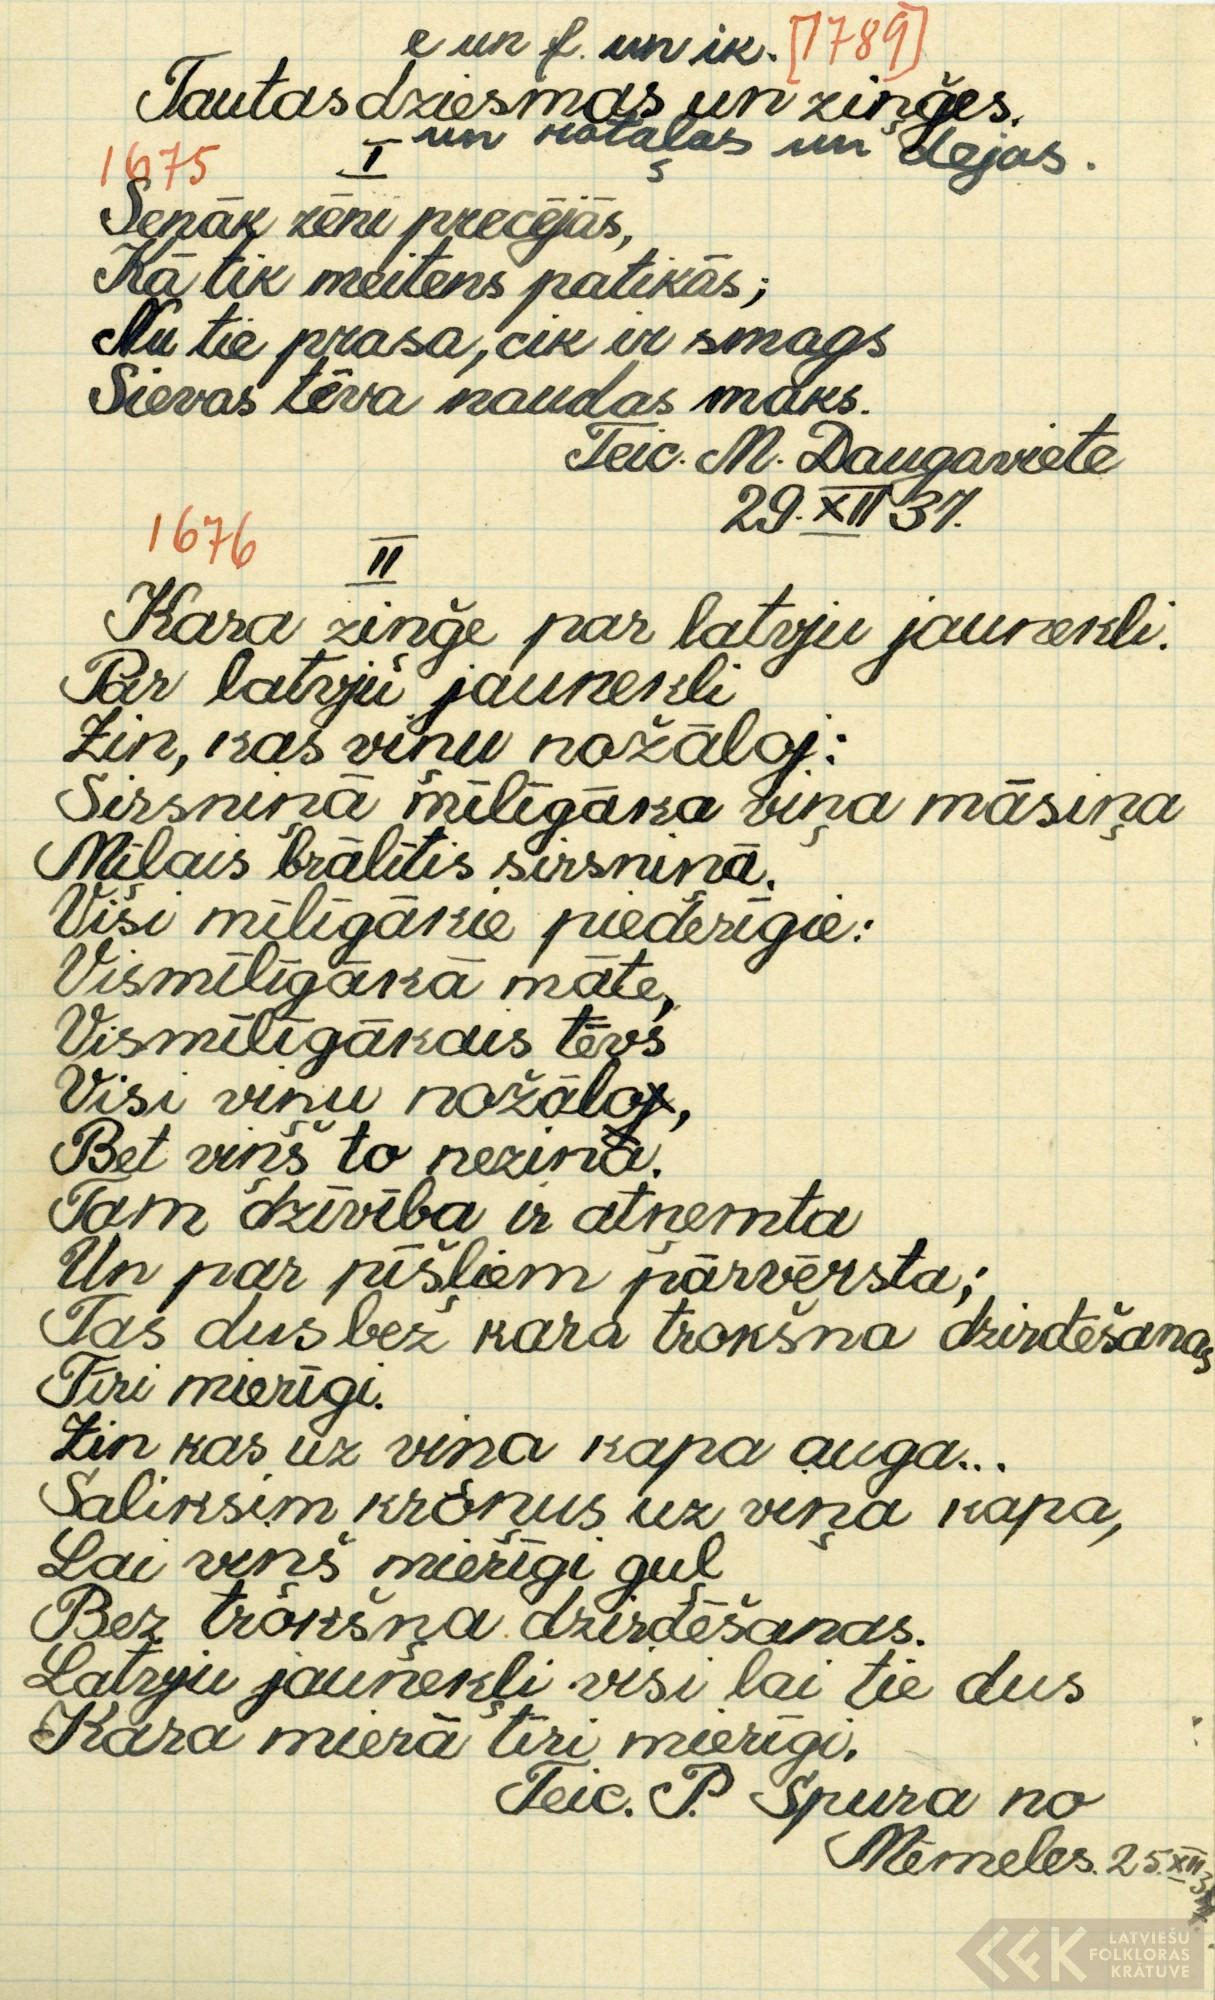 1789-Arnolds-Daugavietis-02-0153